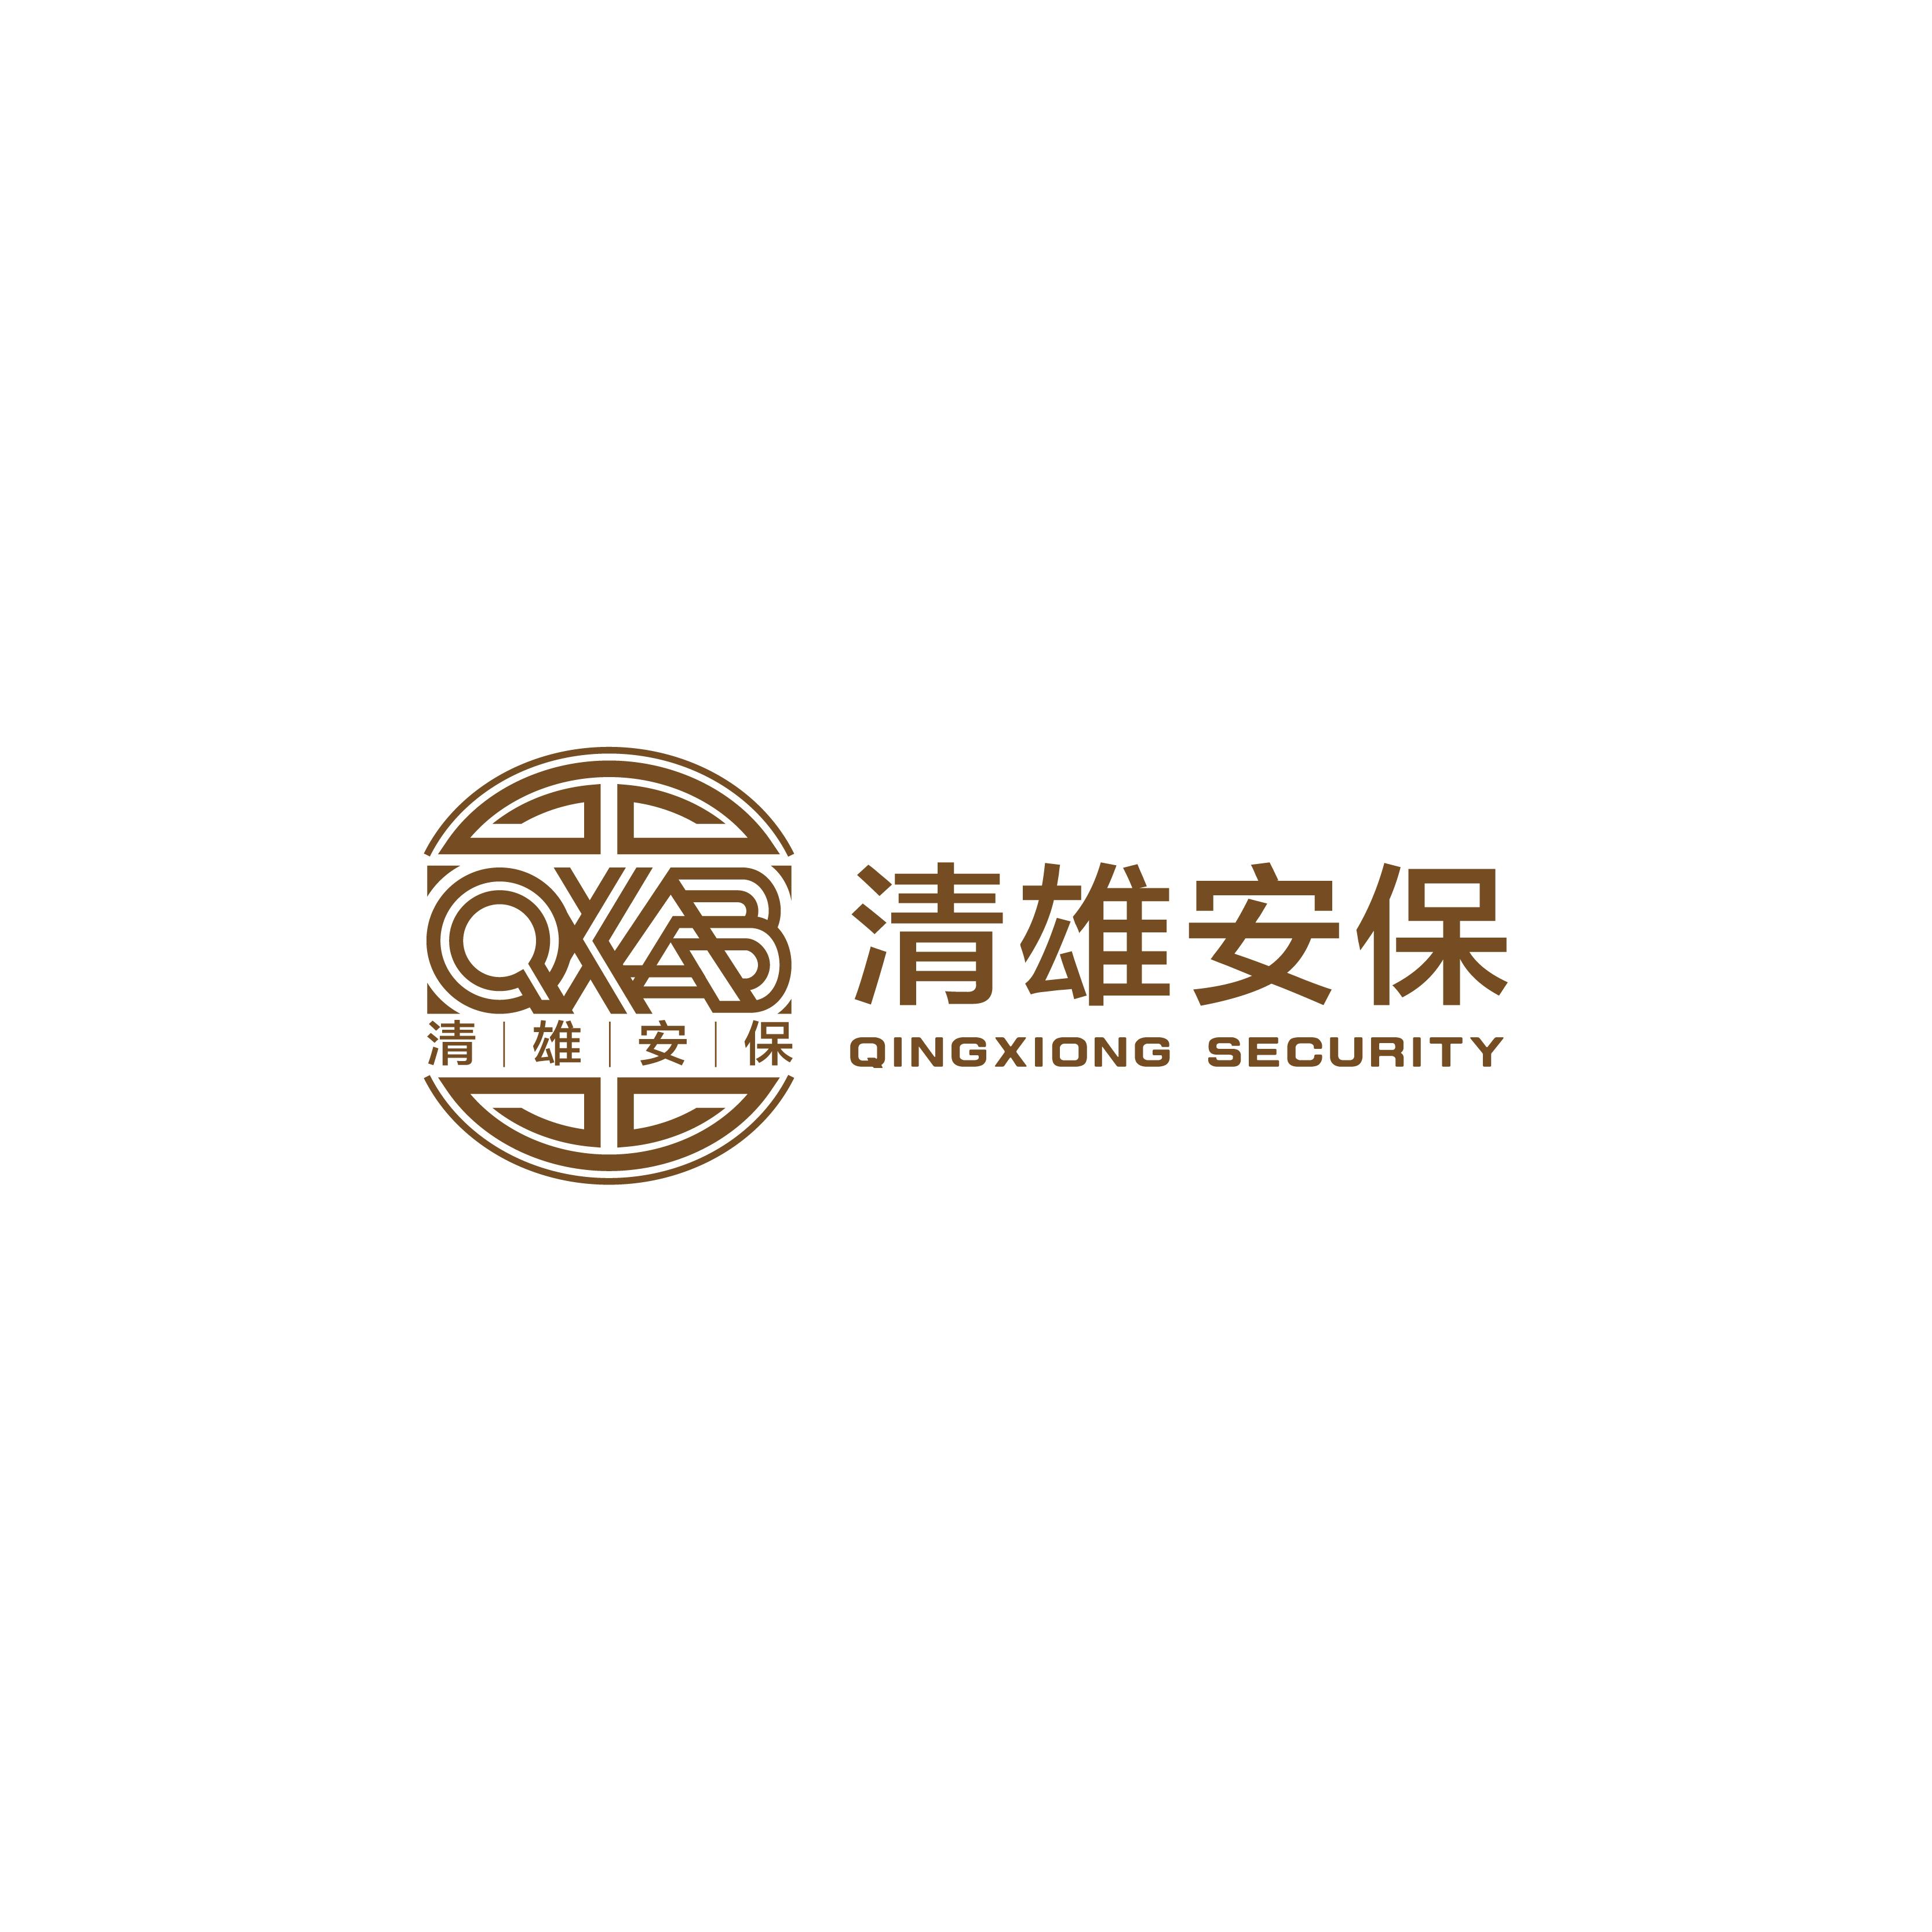 甘肃清雄保安服务有限公司